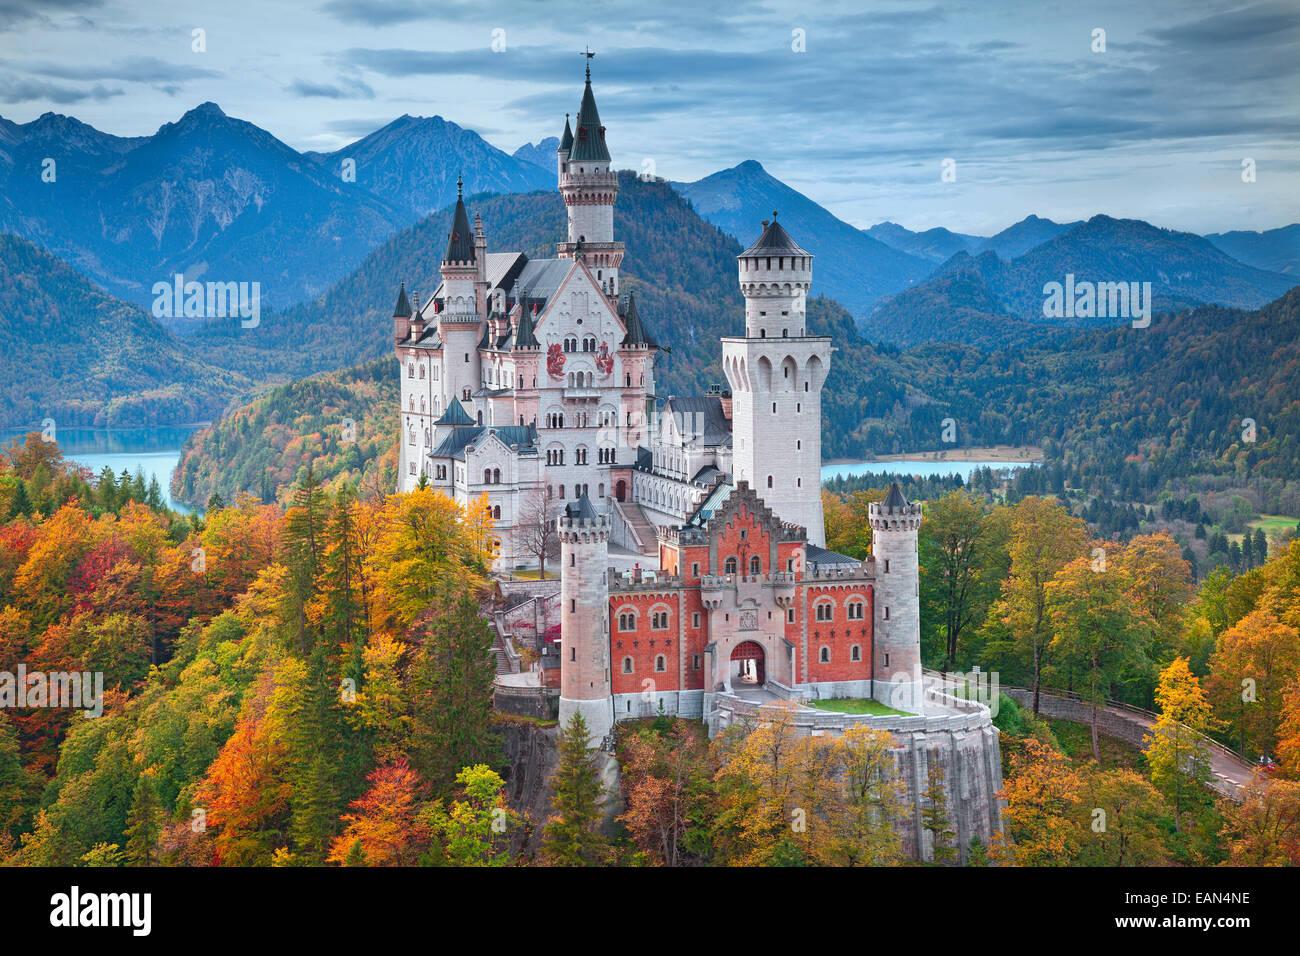 Le château de Neuschwanstein, Allemagne. Photo Stock